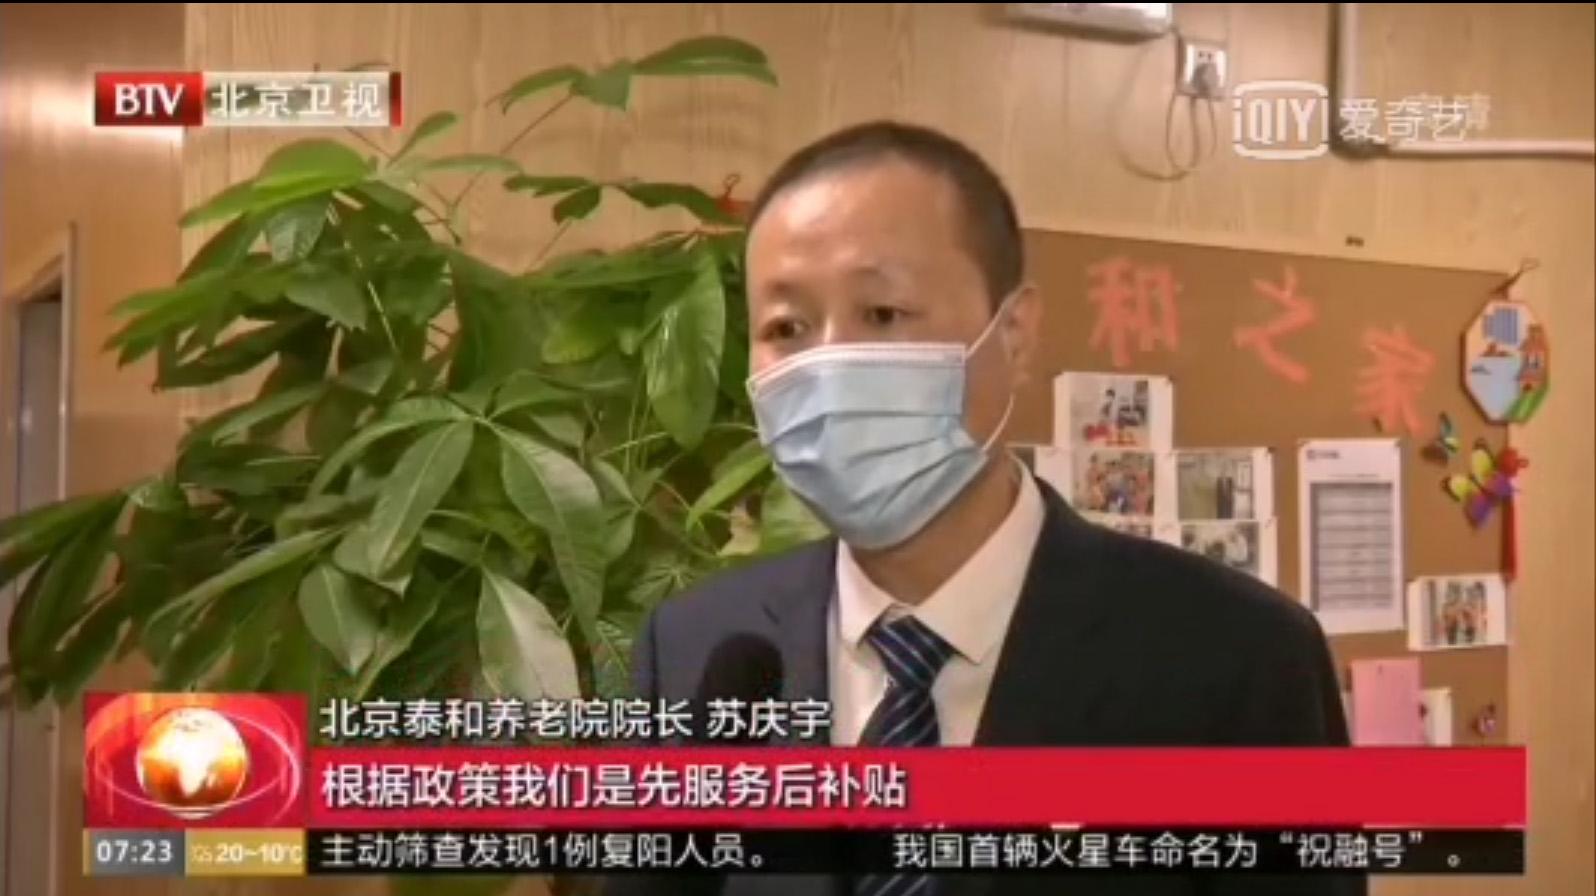 养老床位搬进家,北京卫视采访泰和养老关于新增2000张家庭床位